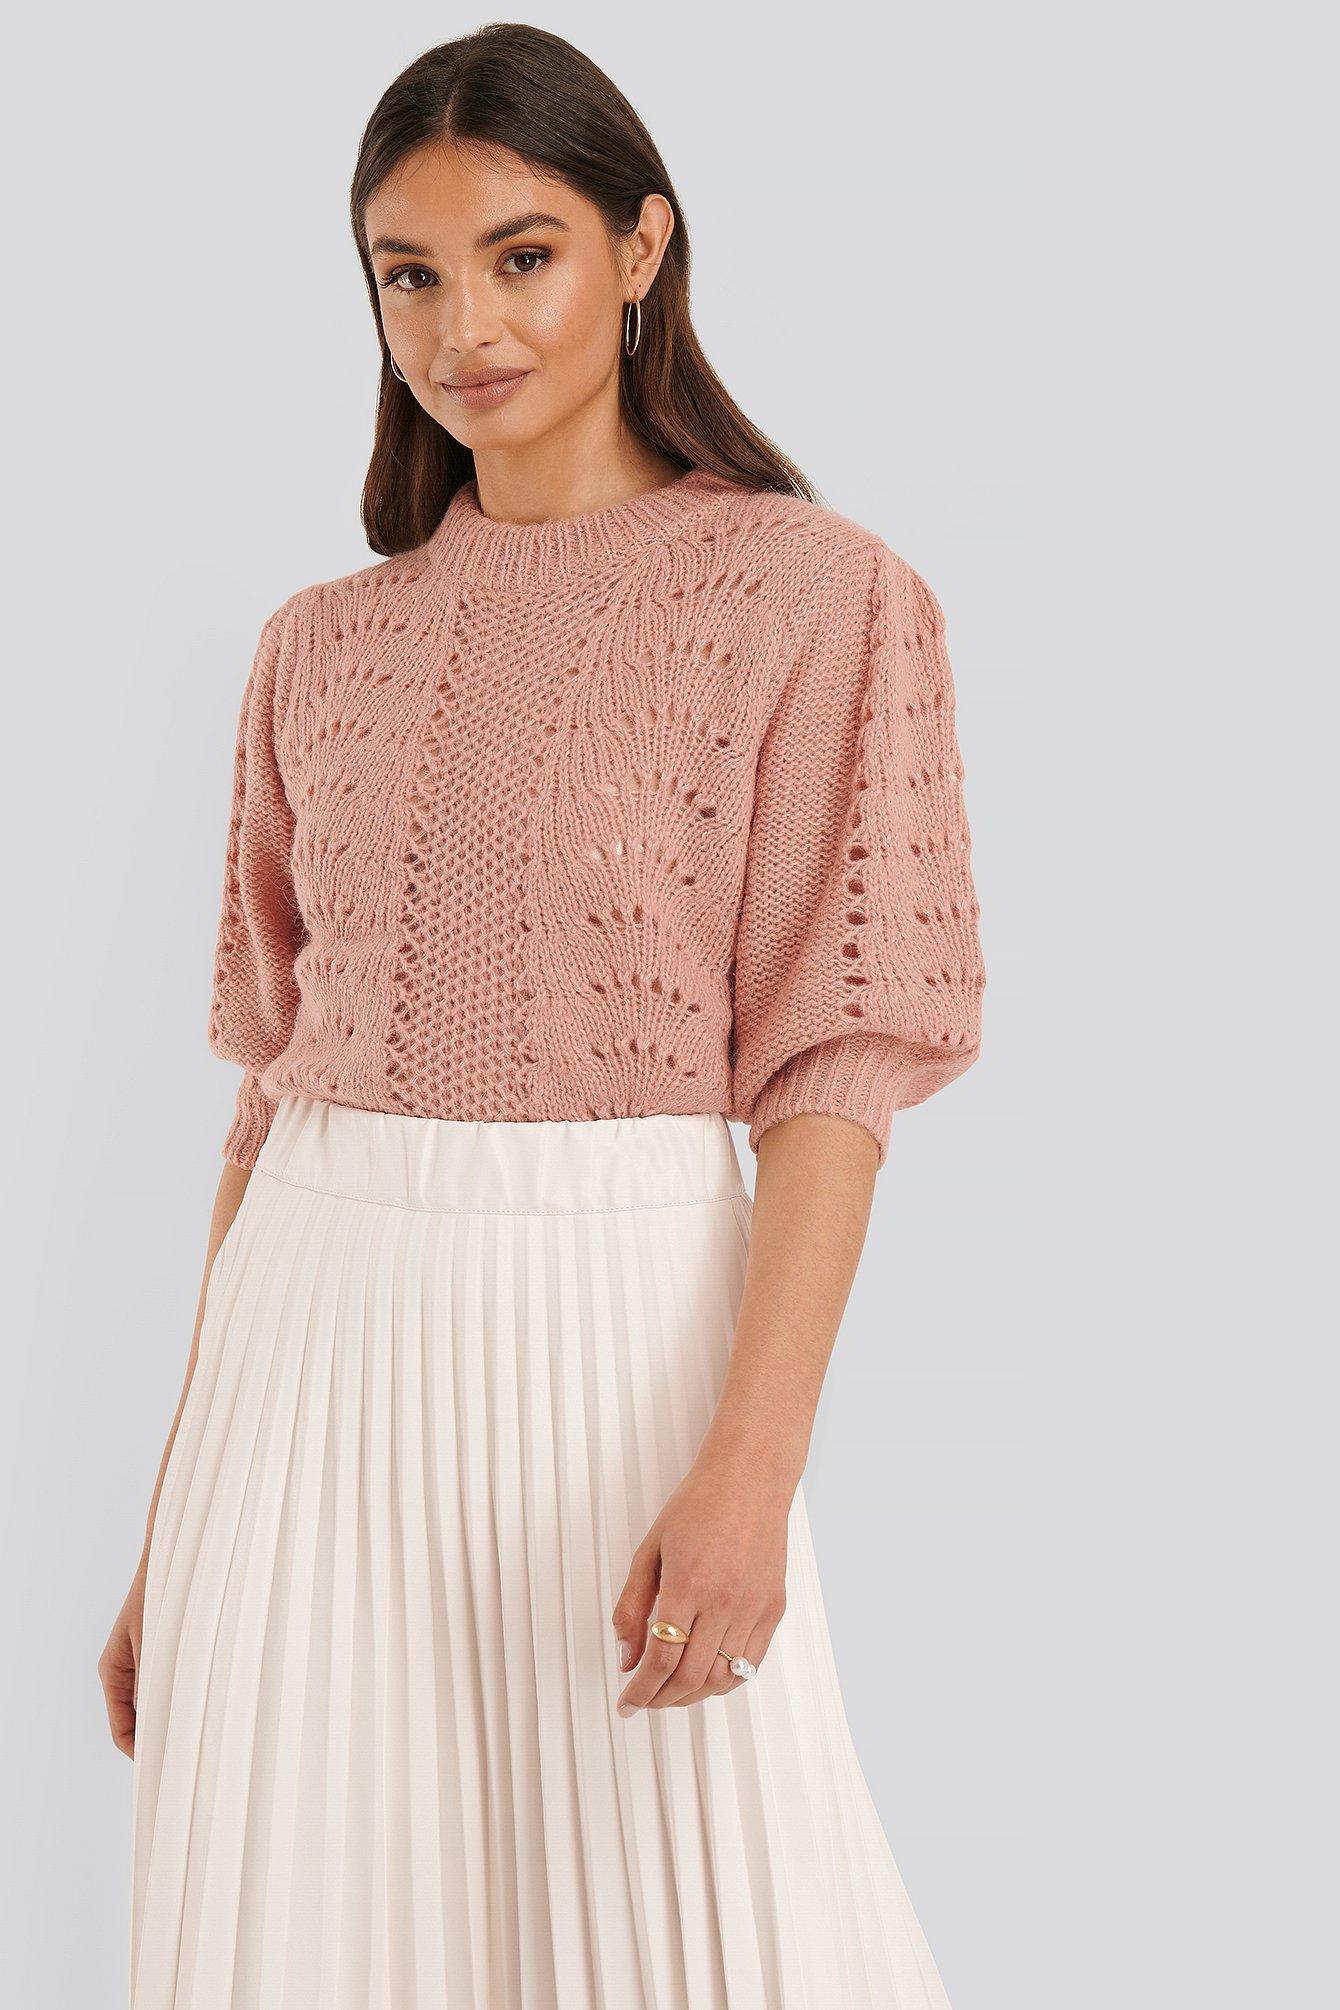 NA-KD Trend Kurze Strickweste Mit Ballonärmeln - Pink | Bekleidung > Strickjacken & -mäntel | NA-KD Trend